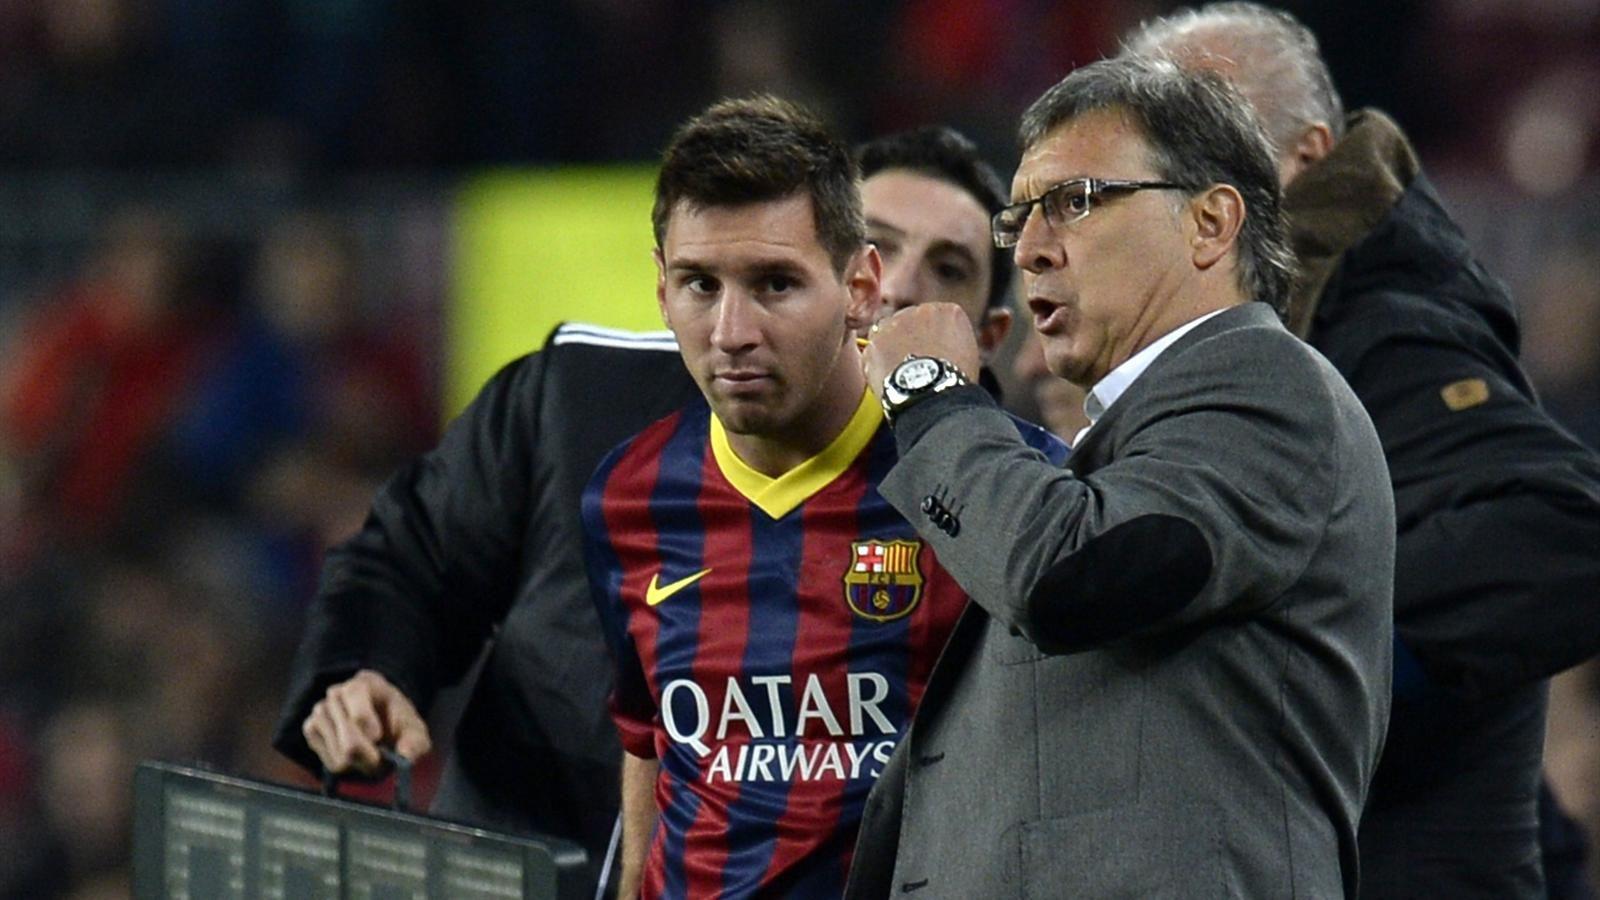 Spécial Messi et FCBarcelone (Part 2) - Page 8 1218823-25431941-1600-900